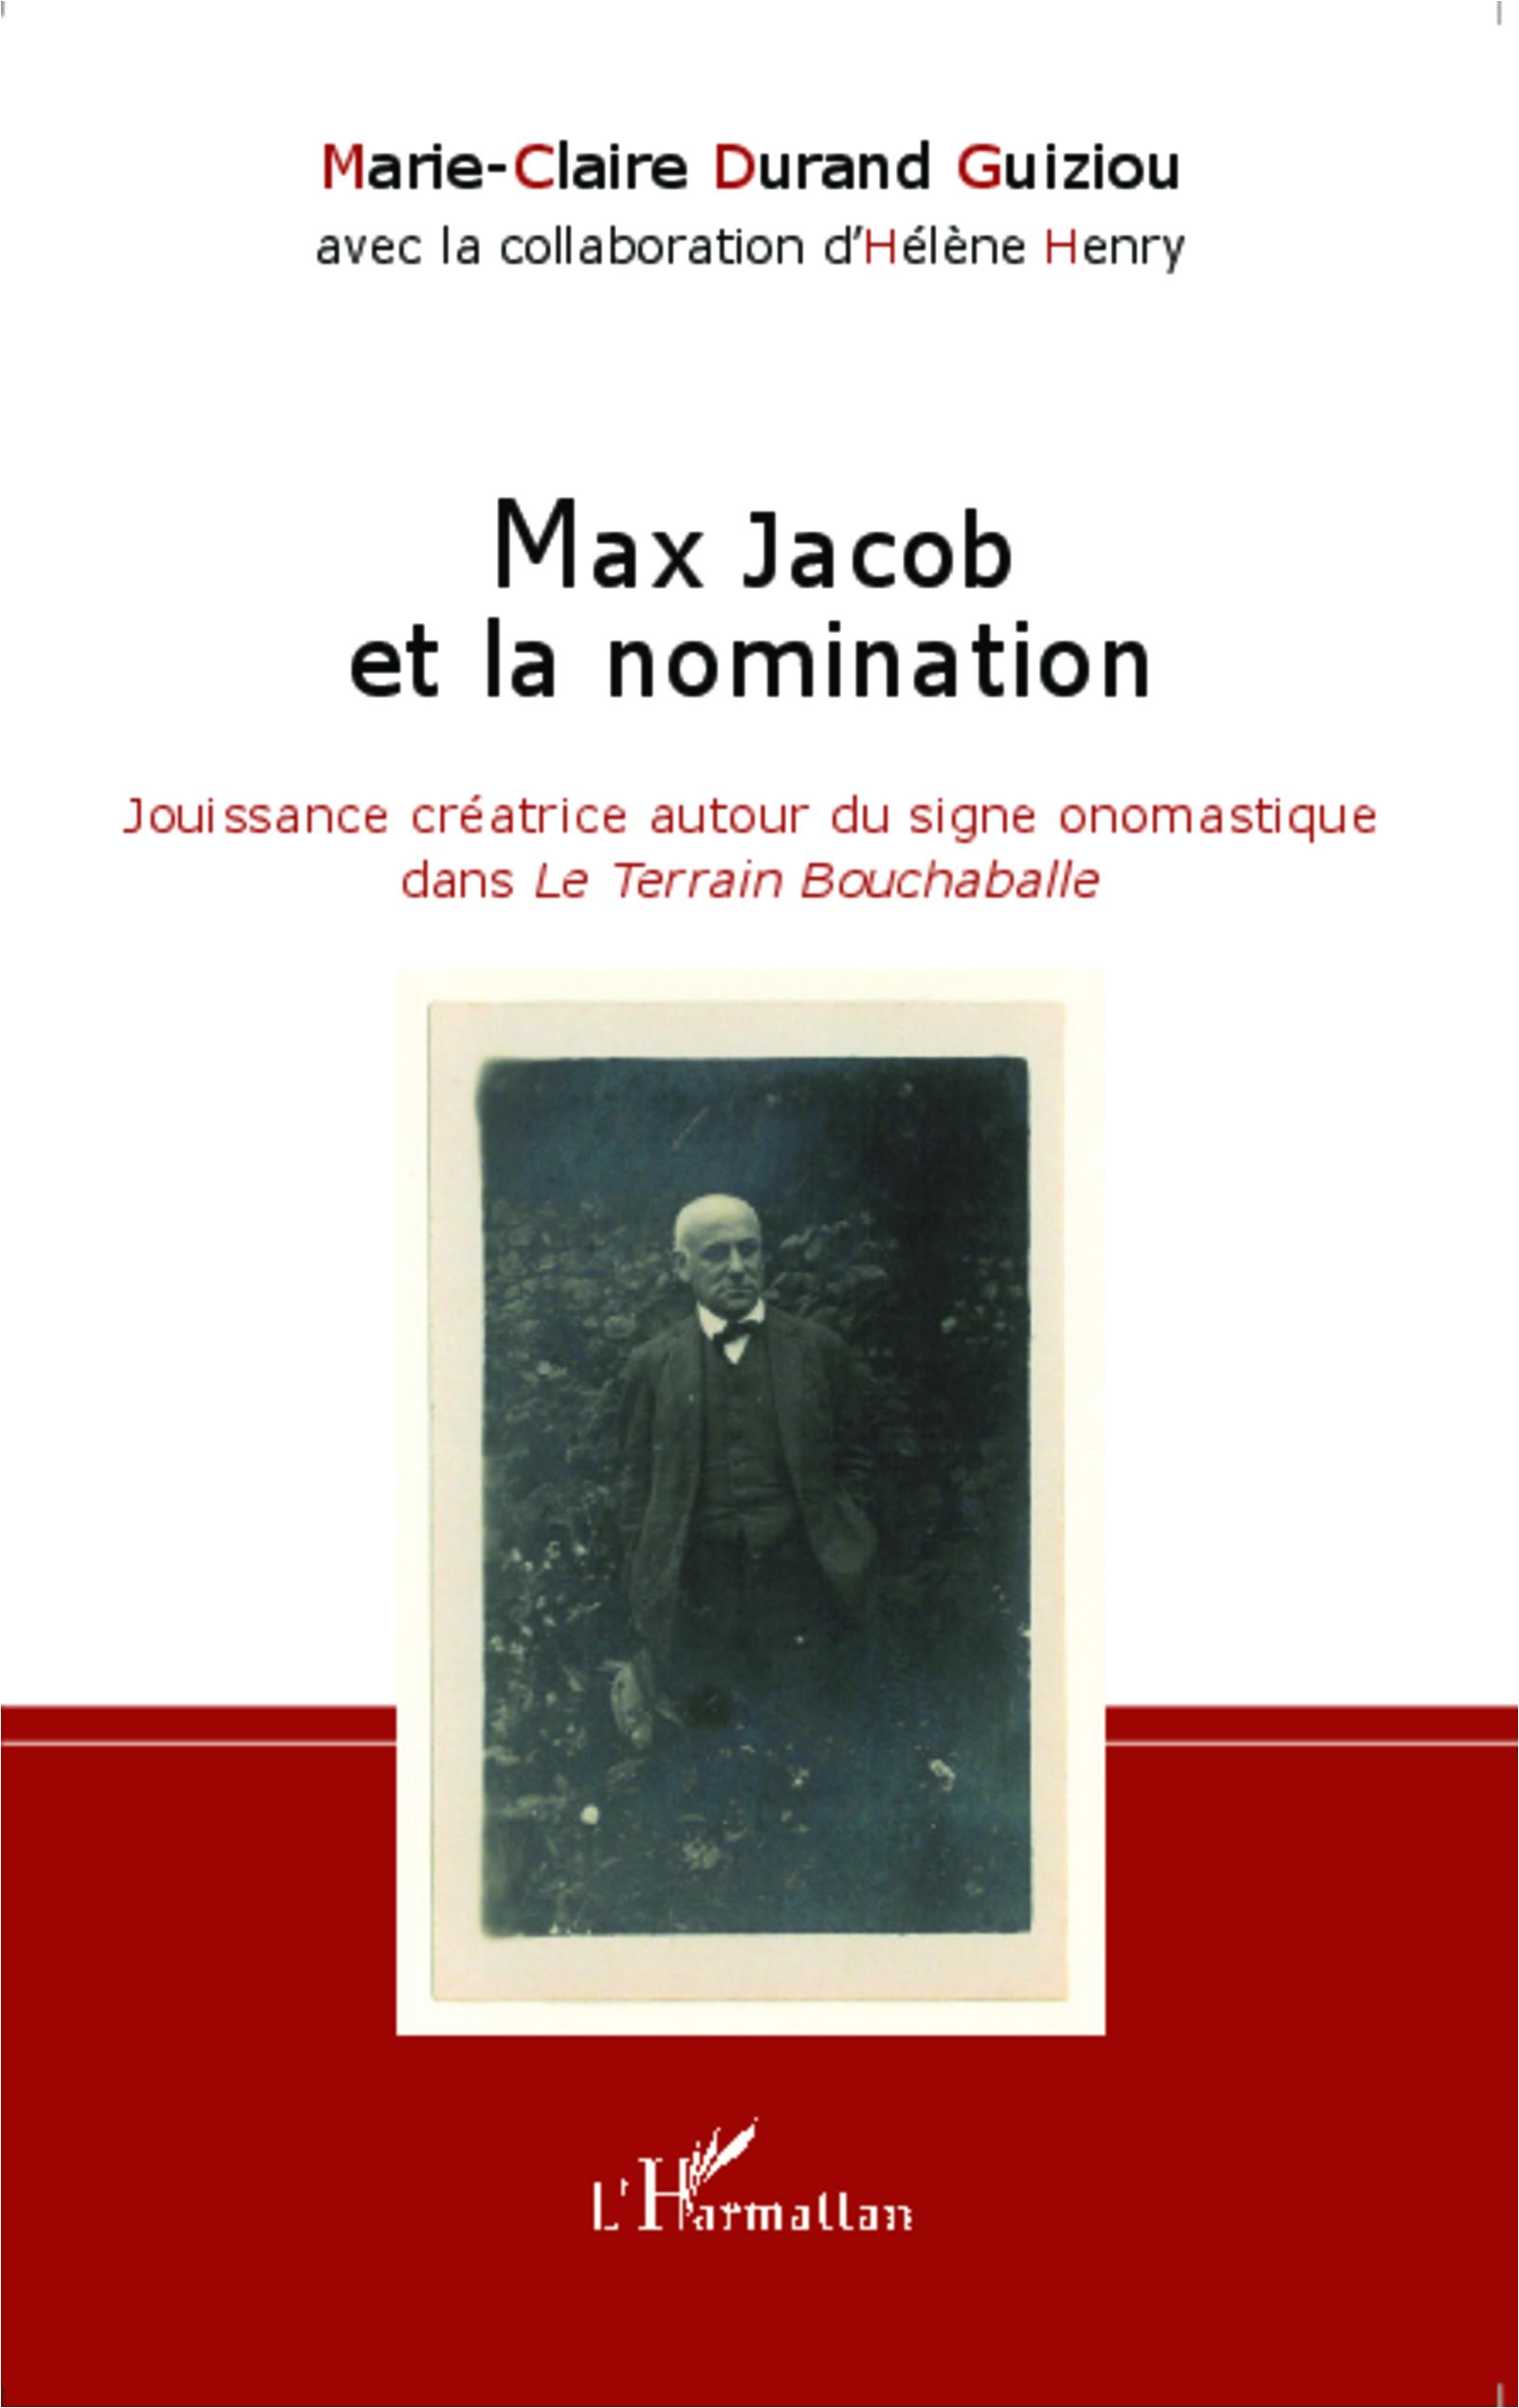 M.-C. Durand Guiziou, Max Jacob et la Nomination - Jouissance créatrice autour du signe onomastique dans Le Terrain Bouchaballe